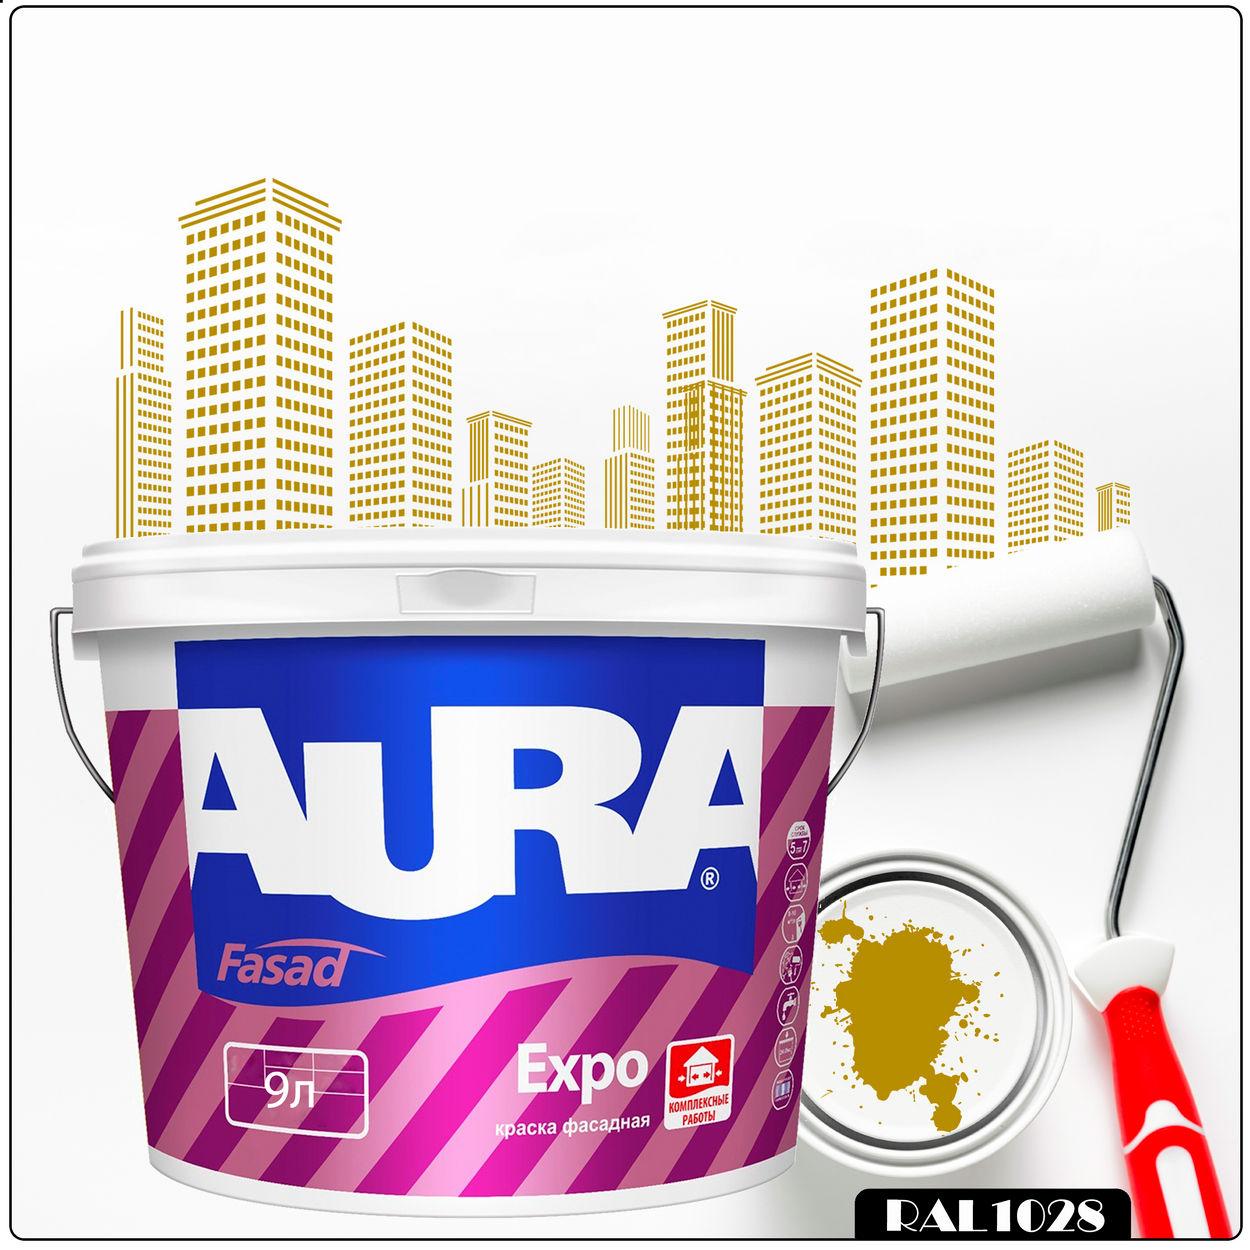 Фото 23 - Краска Aura Fasad Expo, RAL 1028 Жёлтая-дыня, матовая, для фасадов и помещений с повышенной влажностью, 9л.